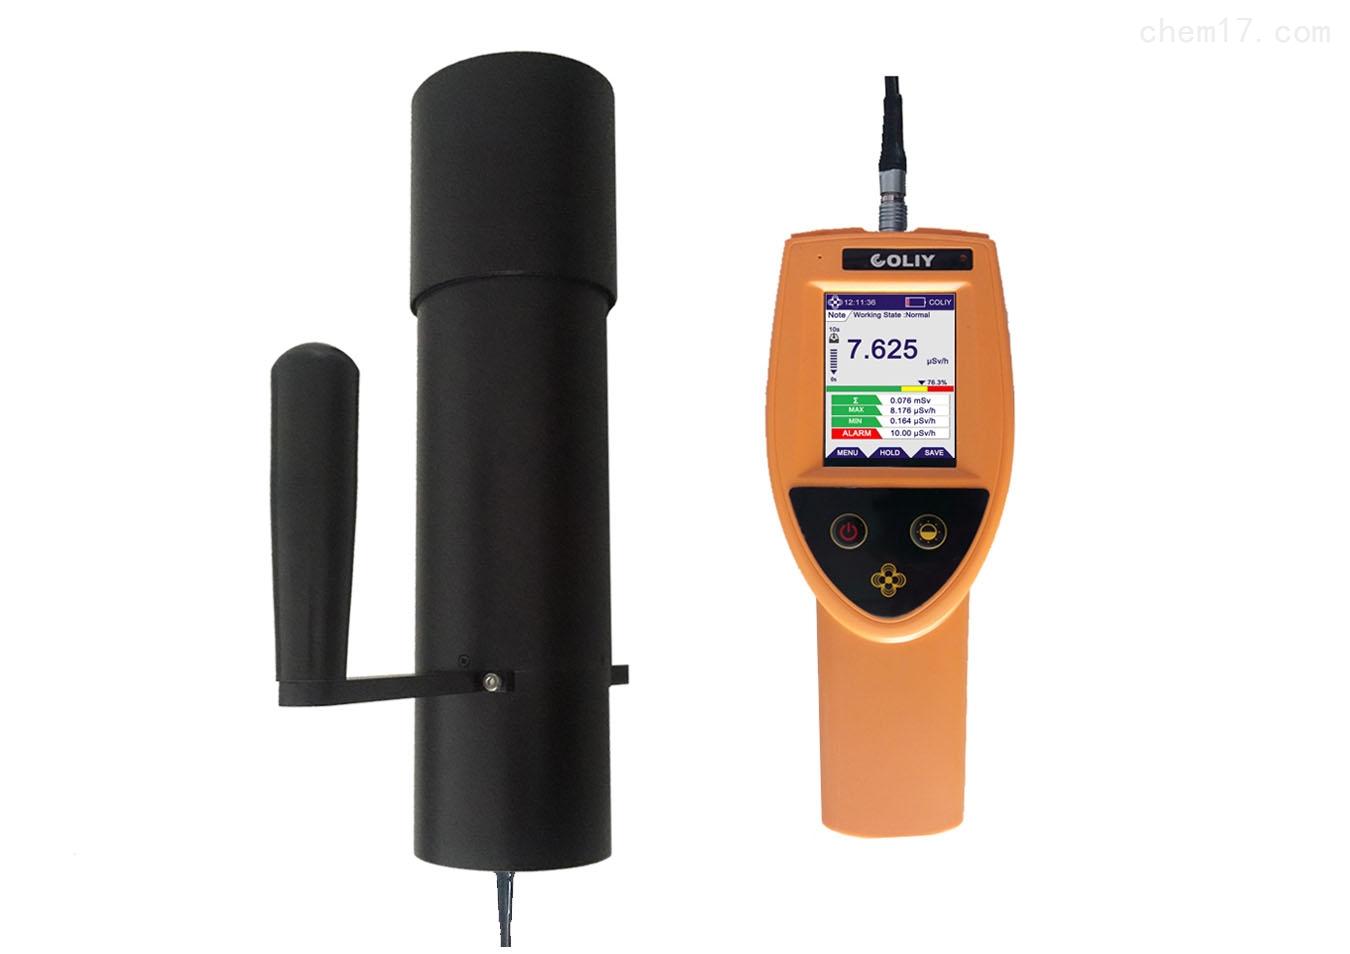 进口仪器 柯雷R700型多功能辐射检测仪